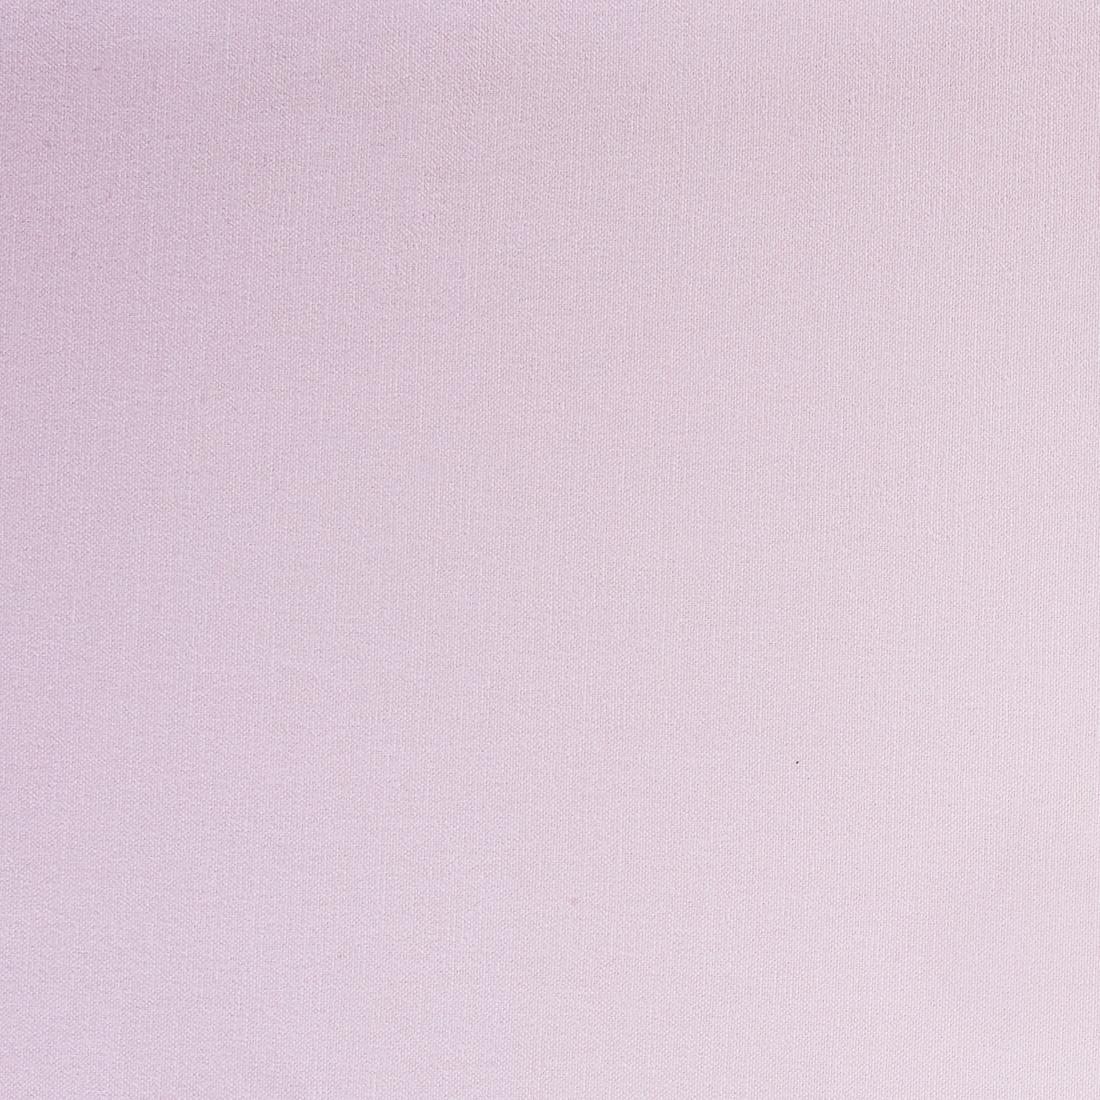 Alora Dusk Upholstery Fabric